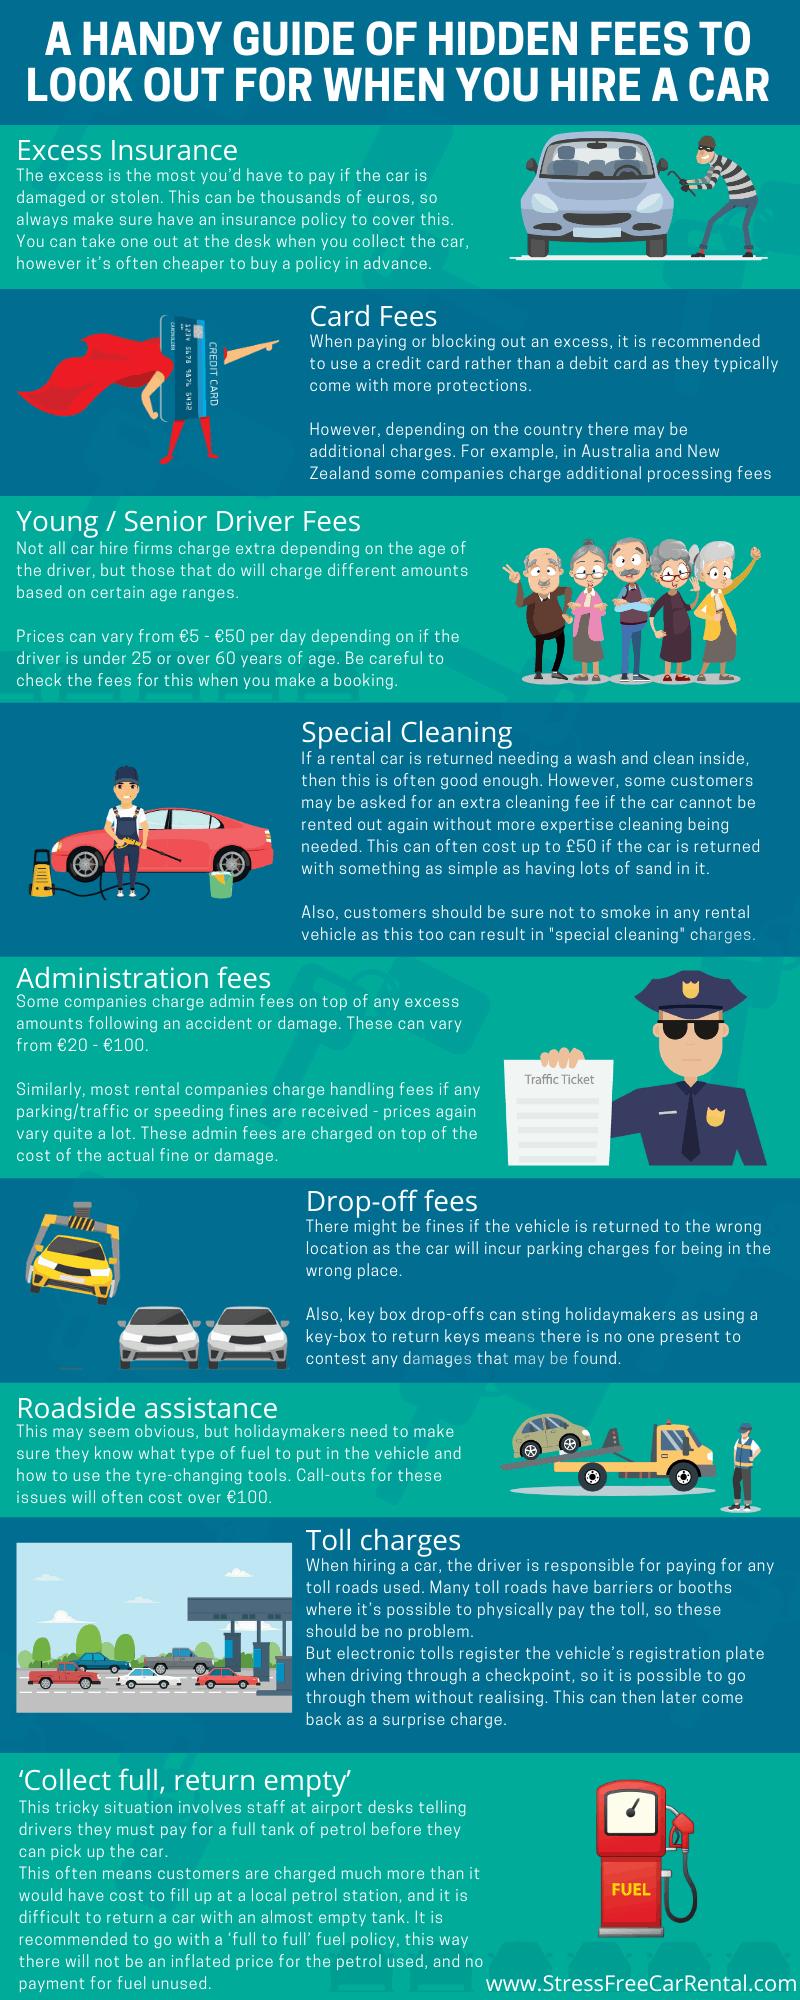 A handy guide to avoiding hidden fees when you hire a car